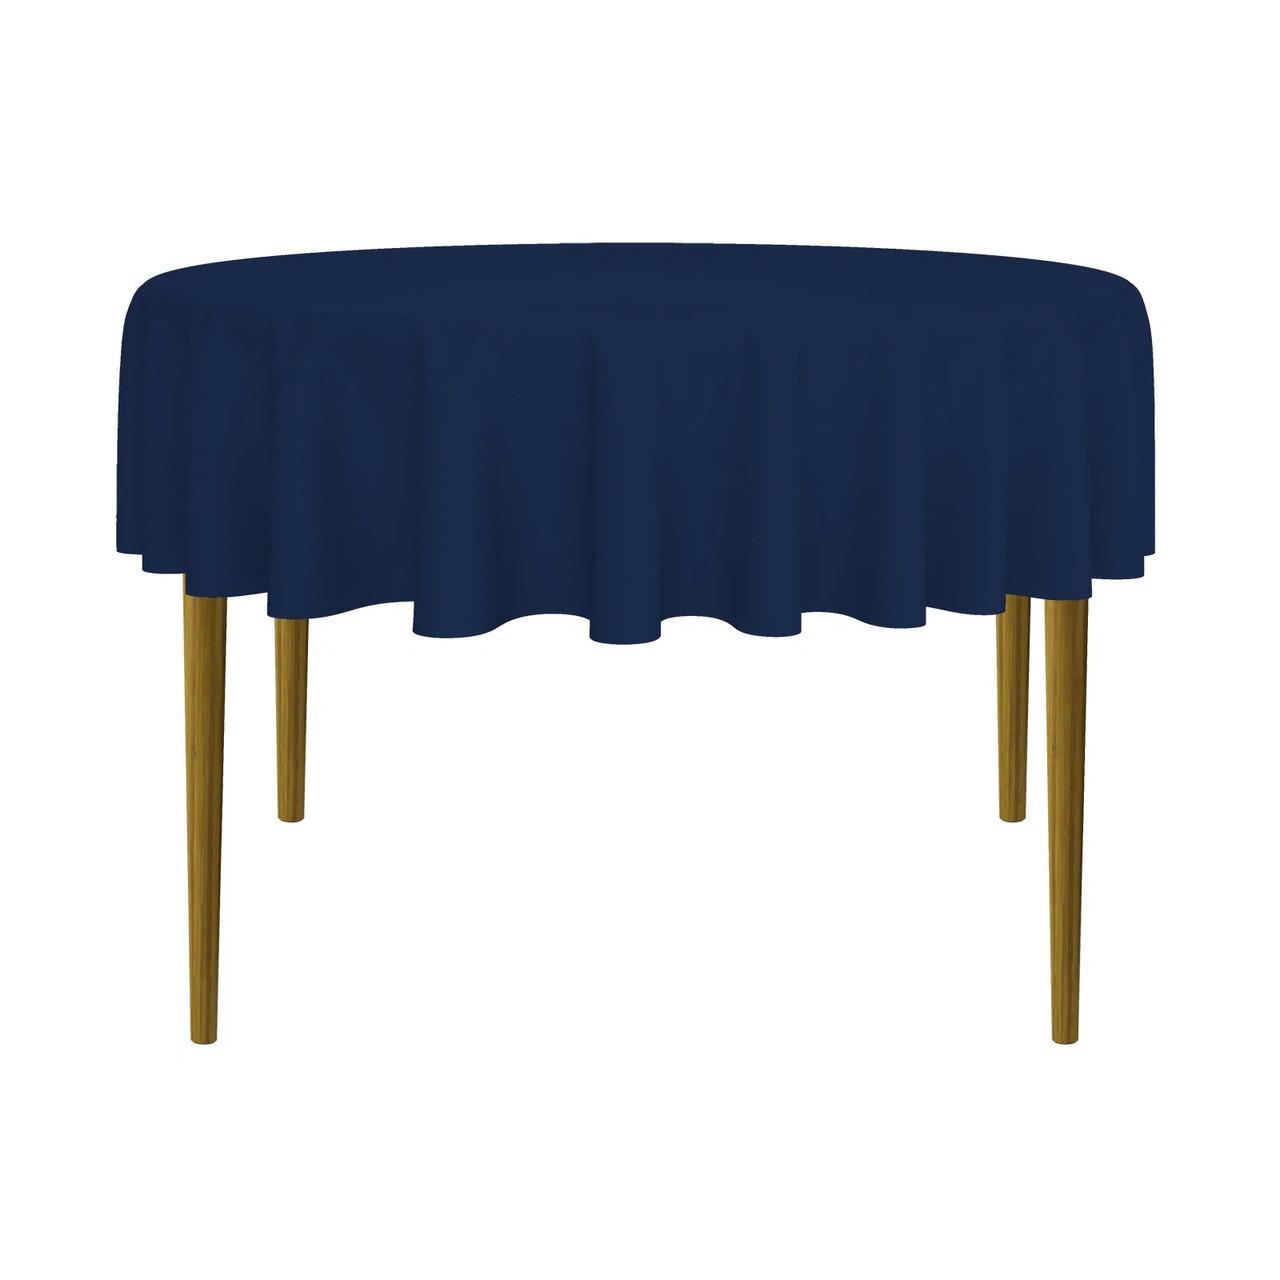 Скатерть круглая габардиновая темно-синяя Atteks 145 см - 1414